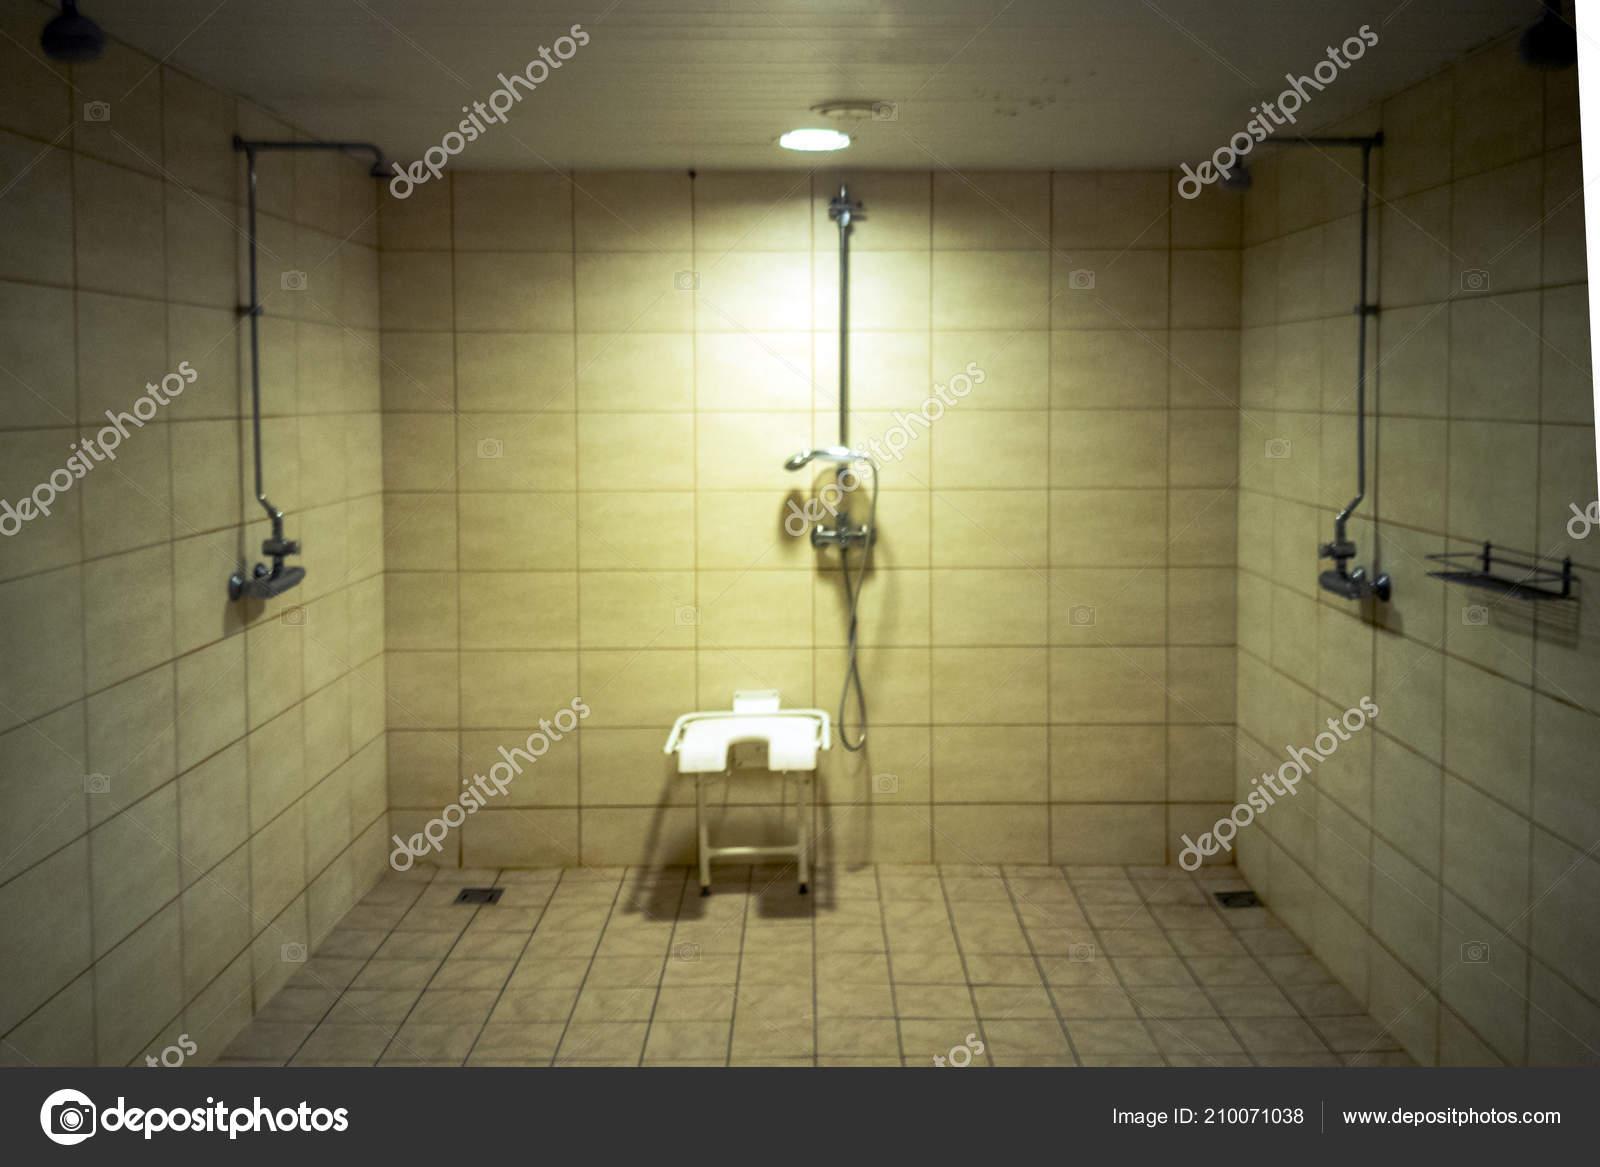 Bagno con doccia per disabili u2014 foto stock © dimand27 #210071038